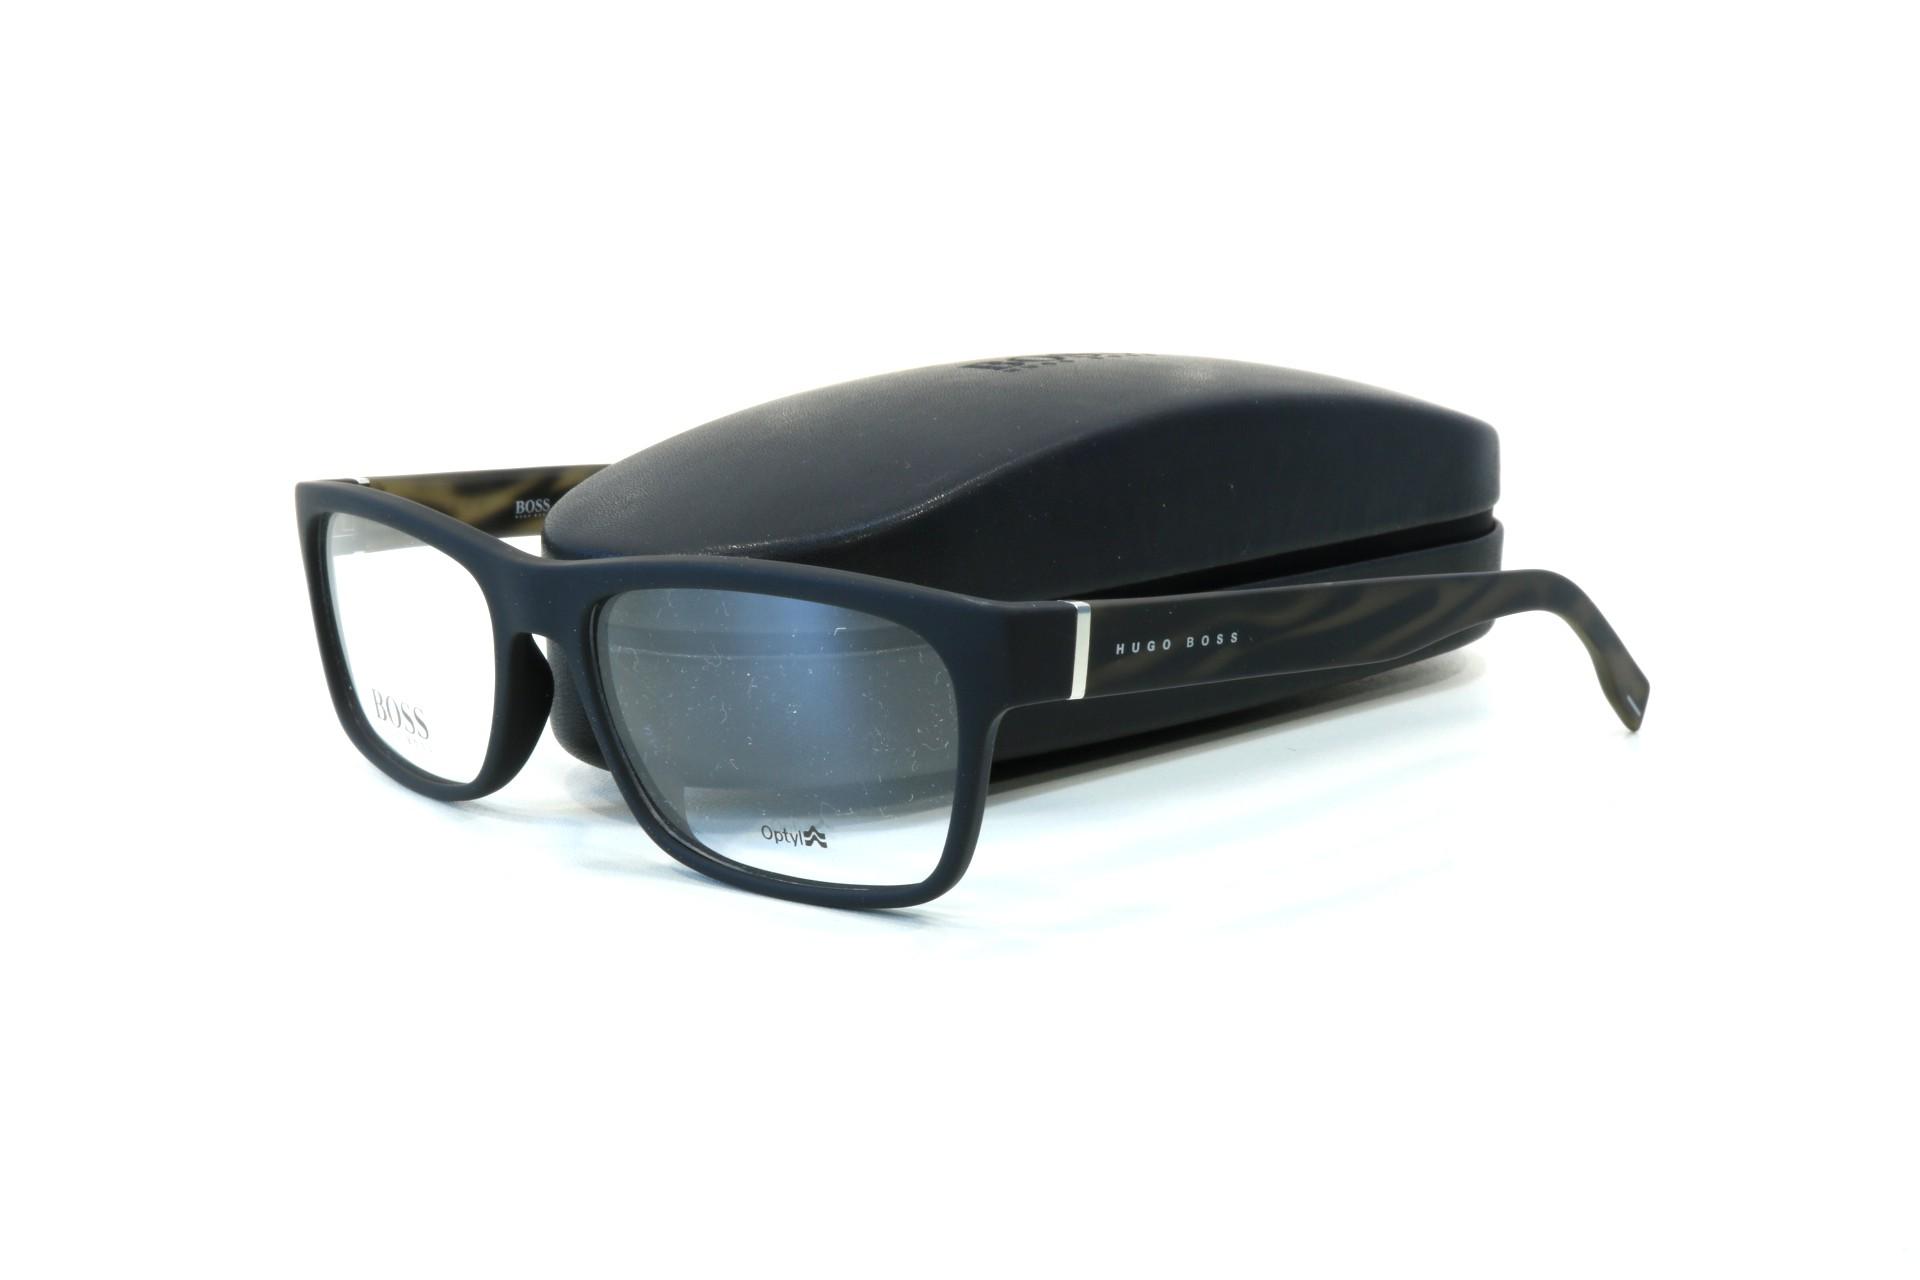 aa259f3835 Медицинские очки Hugo Boss 0729 2QC 54 17 - купить по низкой цене в  интернет-магазине Линзмастер.